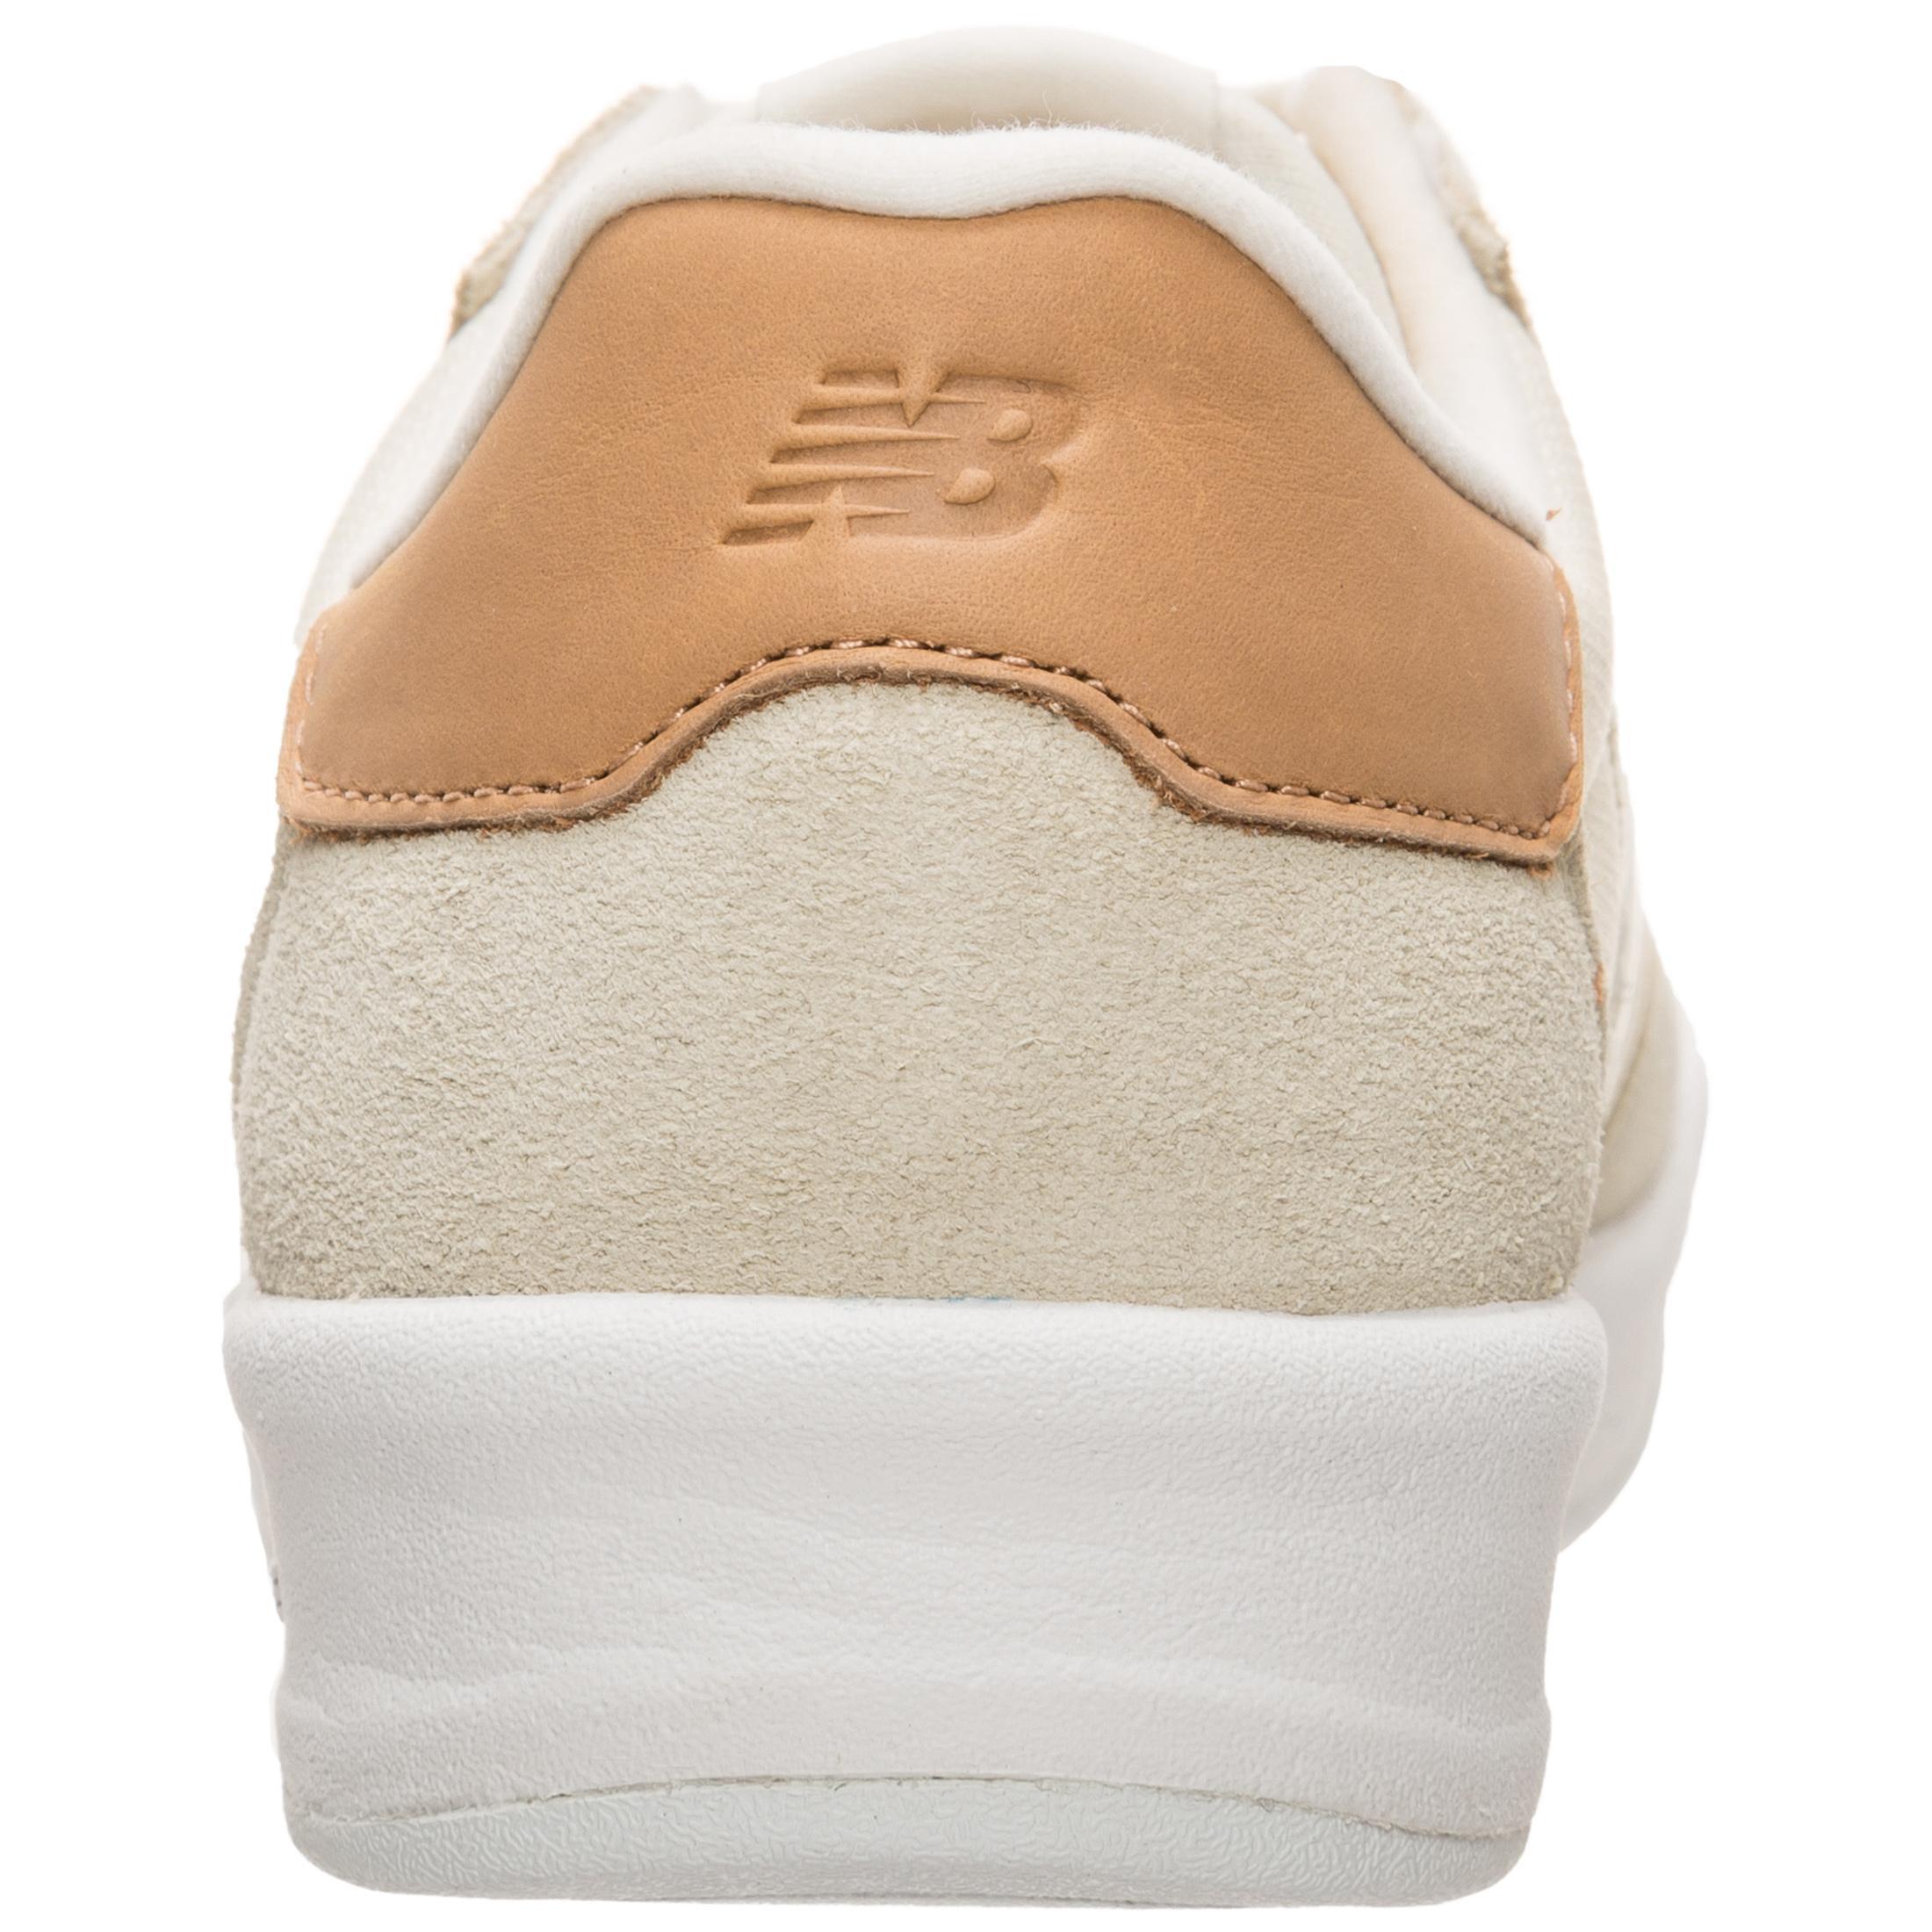 NEW BALANCE WRT300-EO-B WRT300-EO-B BALANCE Turnschuhe Damen beige im Online Shop von SportScheck kaufen Gute Qualität beliebte Schuhe c7ea23